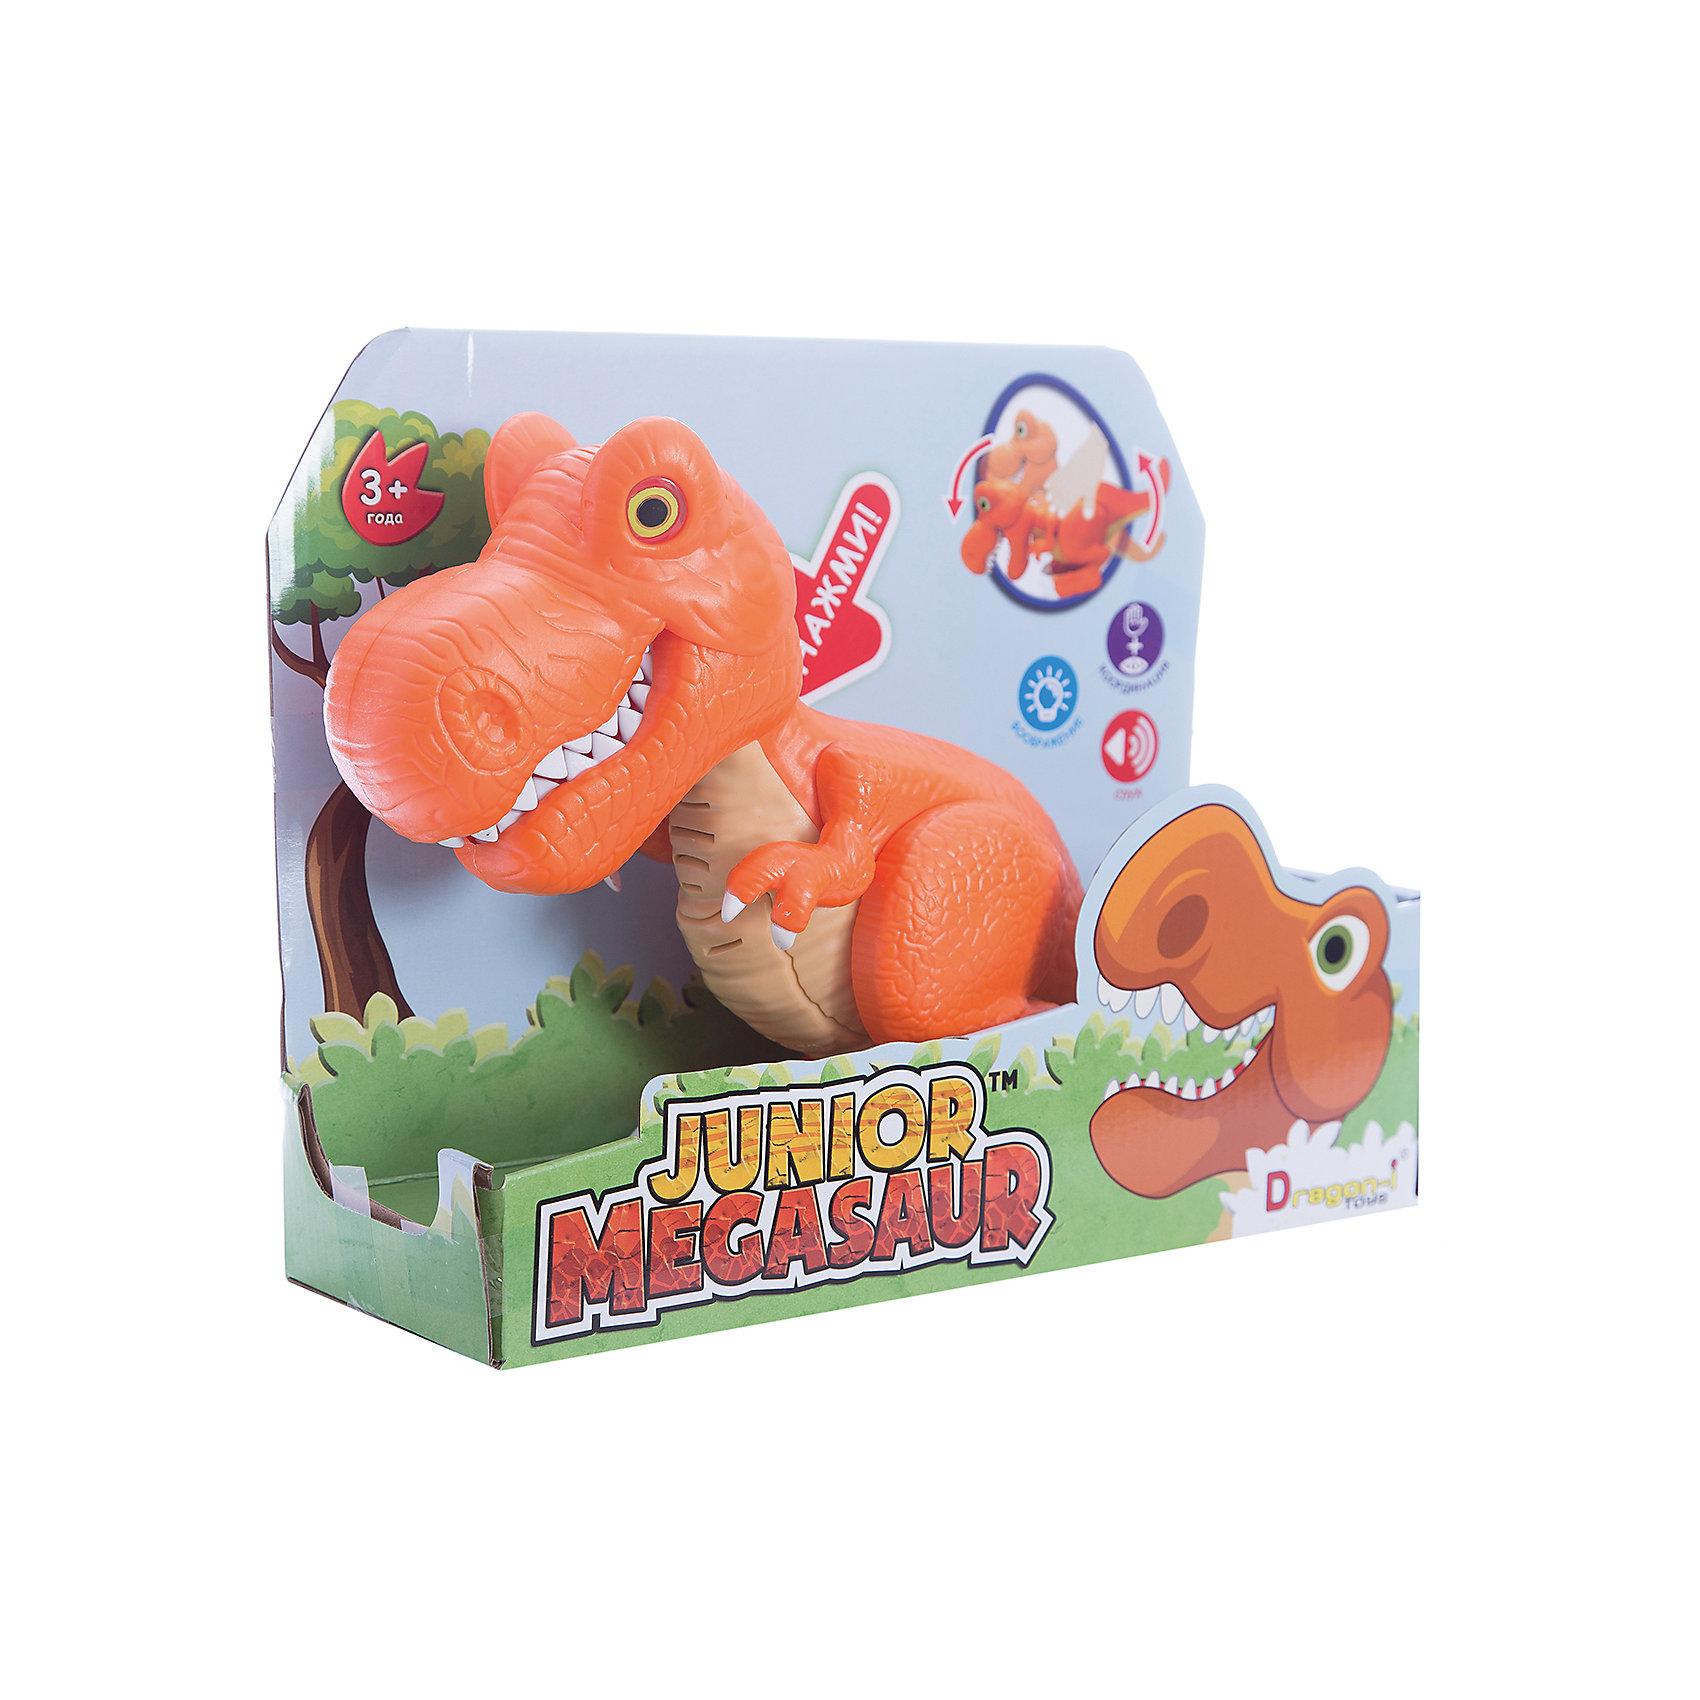 Динозавр Тирекс, со светом и звуком, оранжевый, Junior MegasaurДраконы и динозавры<br>Характеристики товара:<br><br>• возраст: от 3 лет;<br>• материал: пластик;<br>• размер упаковки: 31х11х26 см;<br>• вес упаковки: 603 гр.;     <br>• цвет: оранжевый;  <br>• тип батареек : 2 батарейки АА ;<br>• наличие батареек : демонстрационные батарейки;<br>•страна обладатель бренда: США.   <br><br>Динозавр Тирекс бренда  Junior Megasaur оснащен световыми и звуковыми эффектами: при наклоне корпуса динозавра у него будут светиться глаза, он зарычит и начнёт хлопать пастью. При этом динозавр может захватывать мелкие предметы со стала или с пола. Динозаврик рычит при нажатии на спину, при этом у него светятся глаза. <br><br>Игрушку динозавр «Тирекс» Junior Megasaur , со светом и звуком  можно приобрести в нашем интернет-магазине.<br><br>Ширина мм: 310<br>Глубина мм: 110<br>Высота мм: 240<br>Вес г: 603<br>Возраст от месяцев: 36<br>Возраст до месяцев: 2147483647<br>Пол: Мужской<br>Возраст: Детский<br>SKU: 6916227